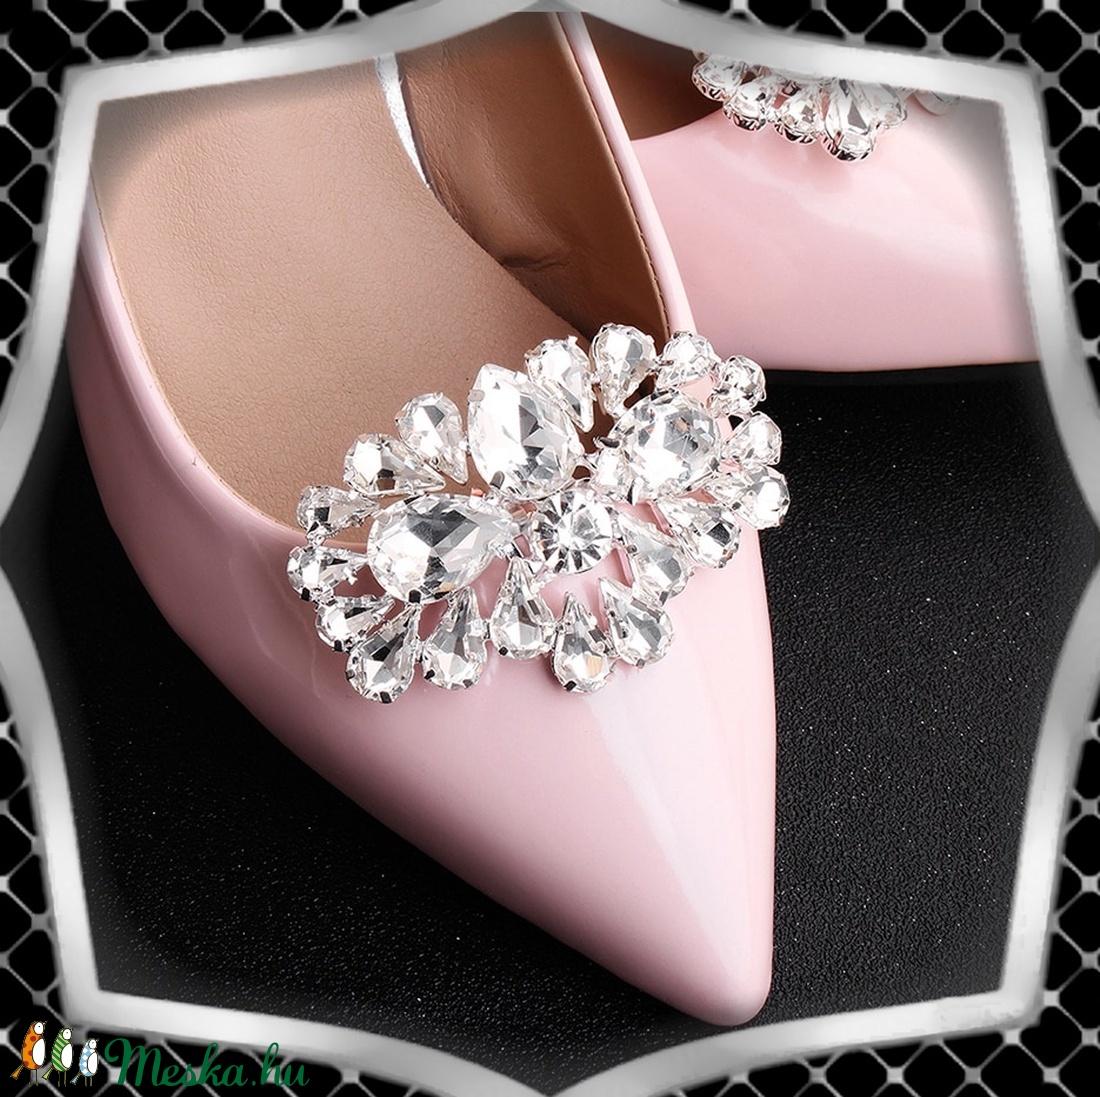 Esküvői, menyasszonyi, alkalmi cipődísz, cipőklipsz ES-CK25 - esküvő - cipő és cipőklipsz - Meska.hu